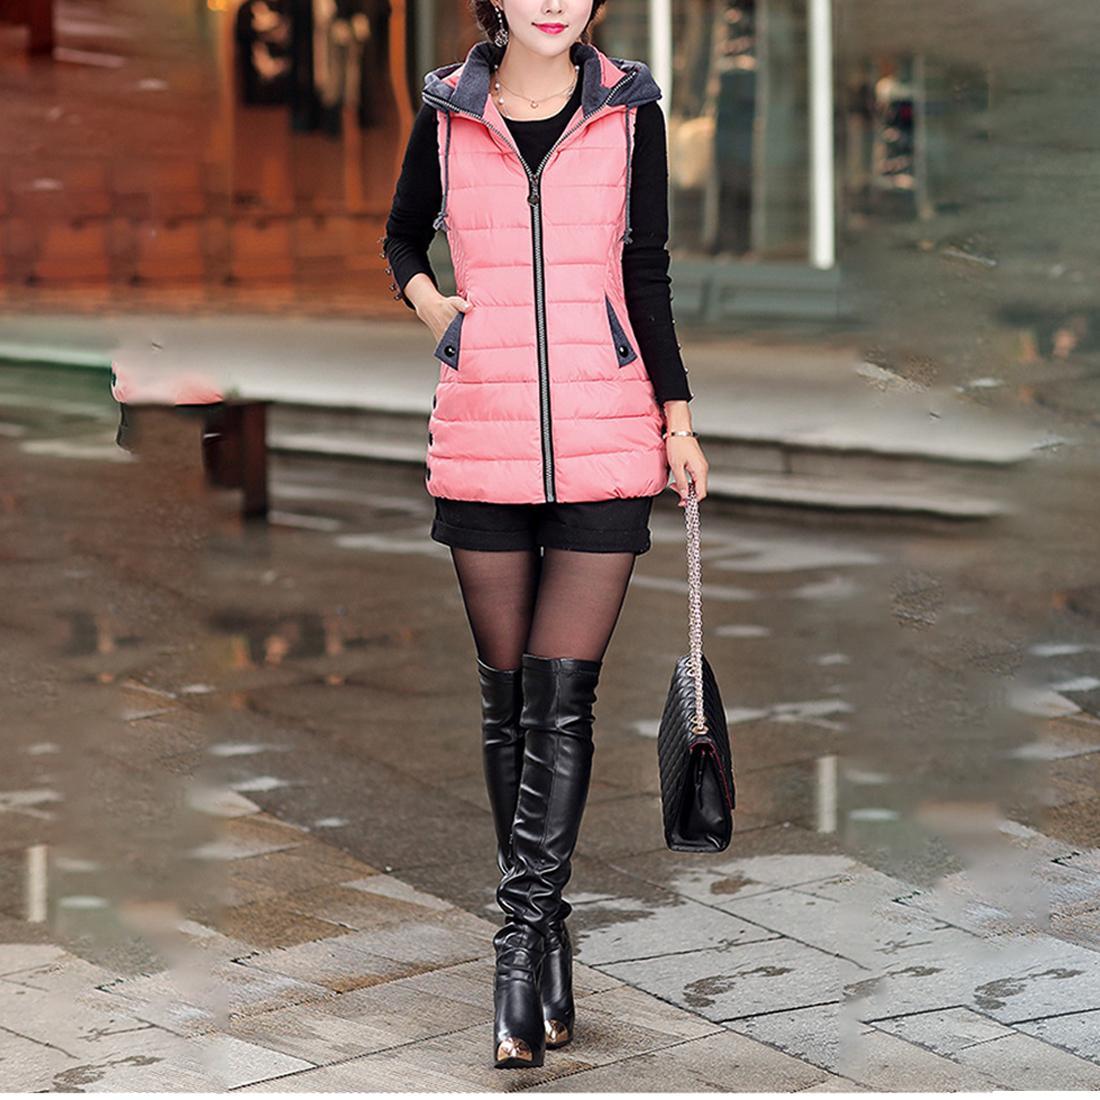 Top vende otoño invierno chaleco mujer chaleco sin mangas chaqueta con capucha cálido chaleco largo más el tamaño 5XL